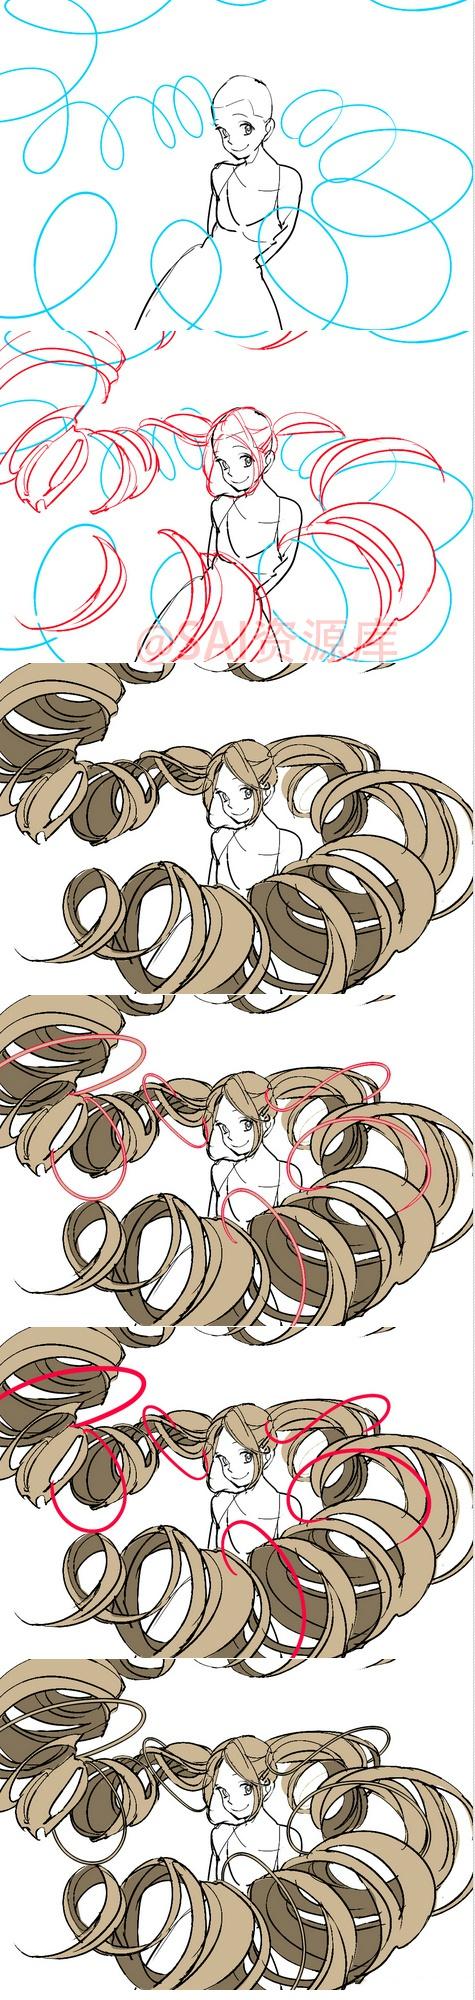 关于动漫发型分解的画法参考